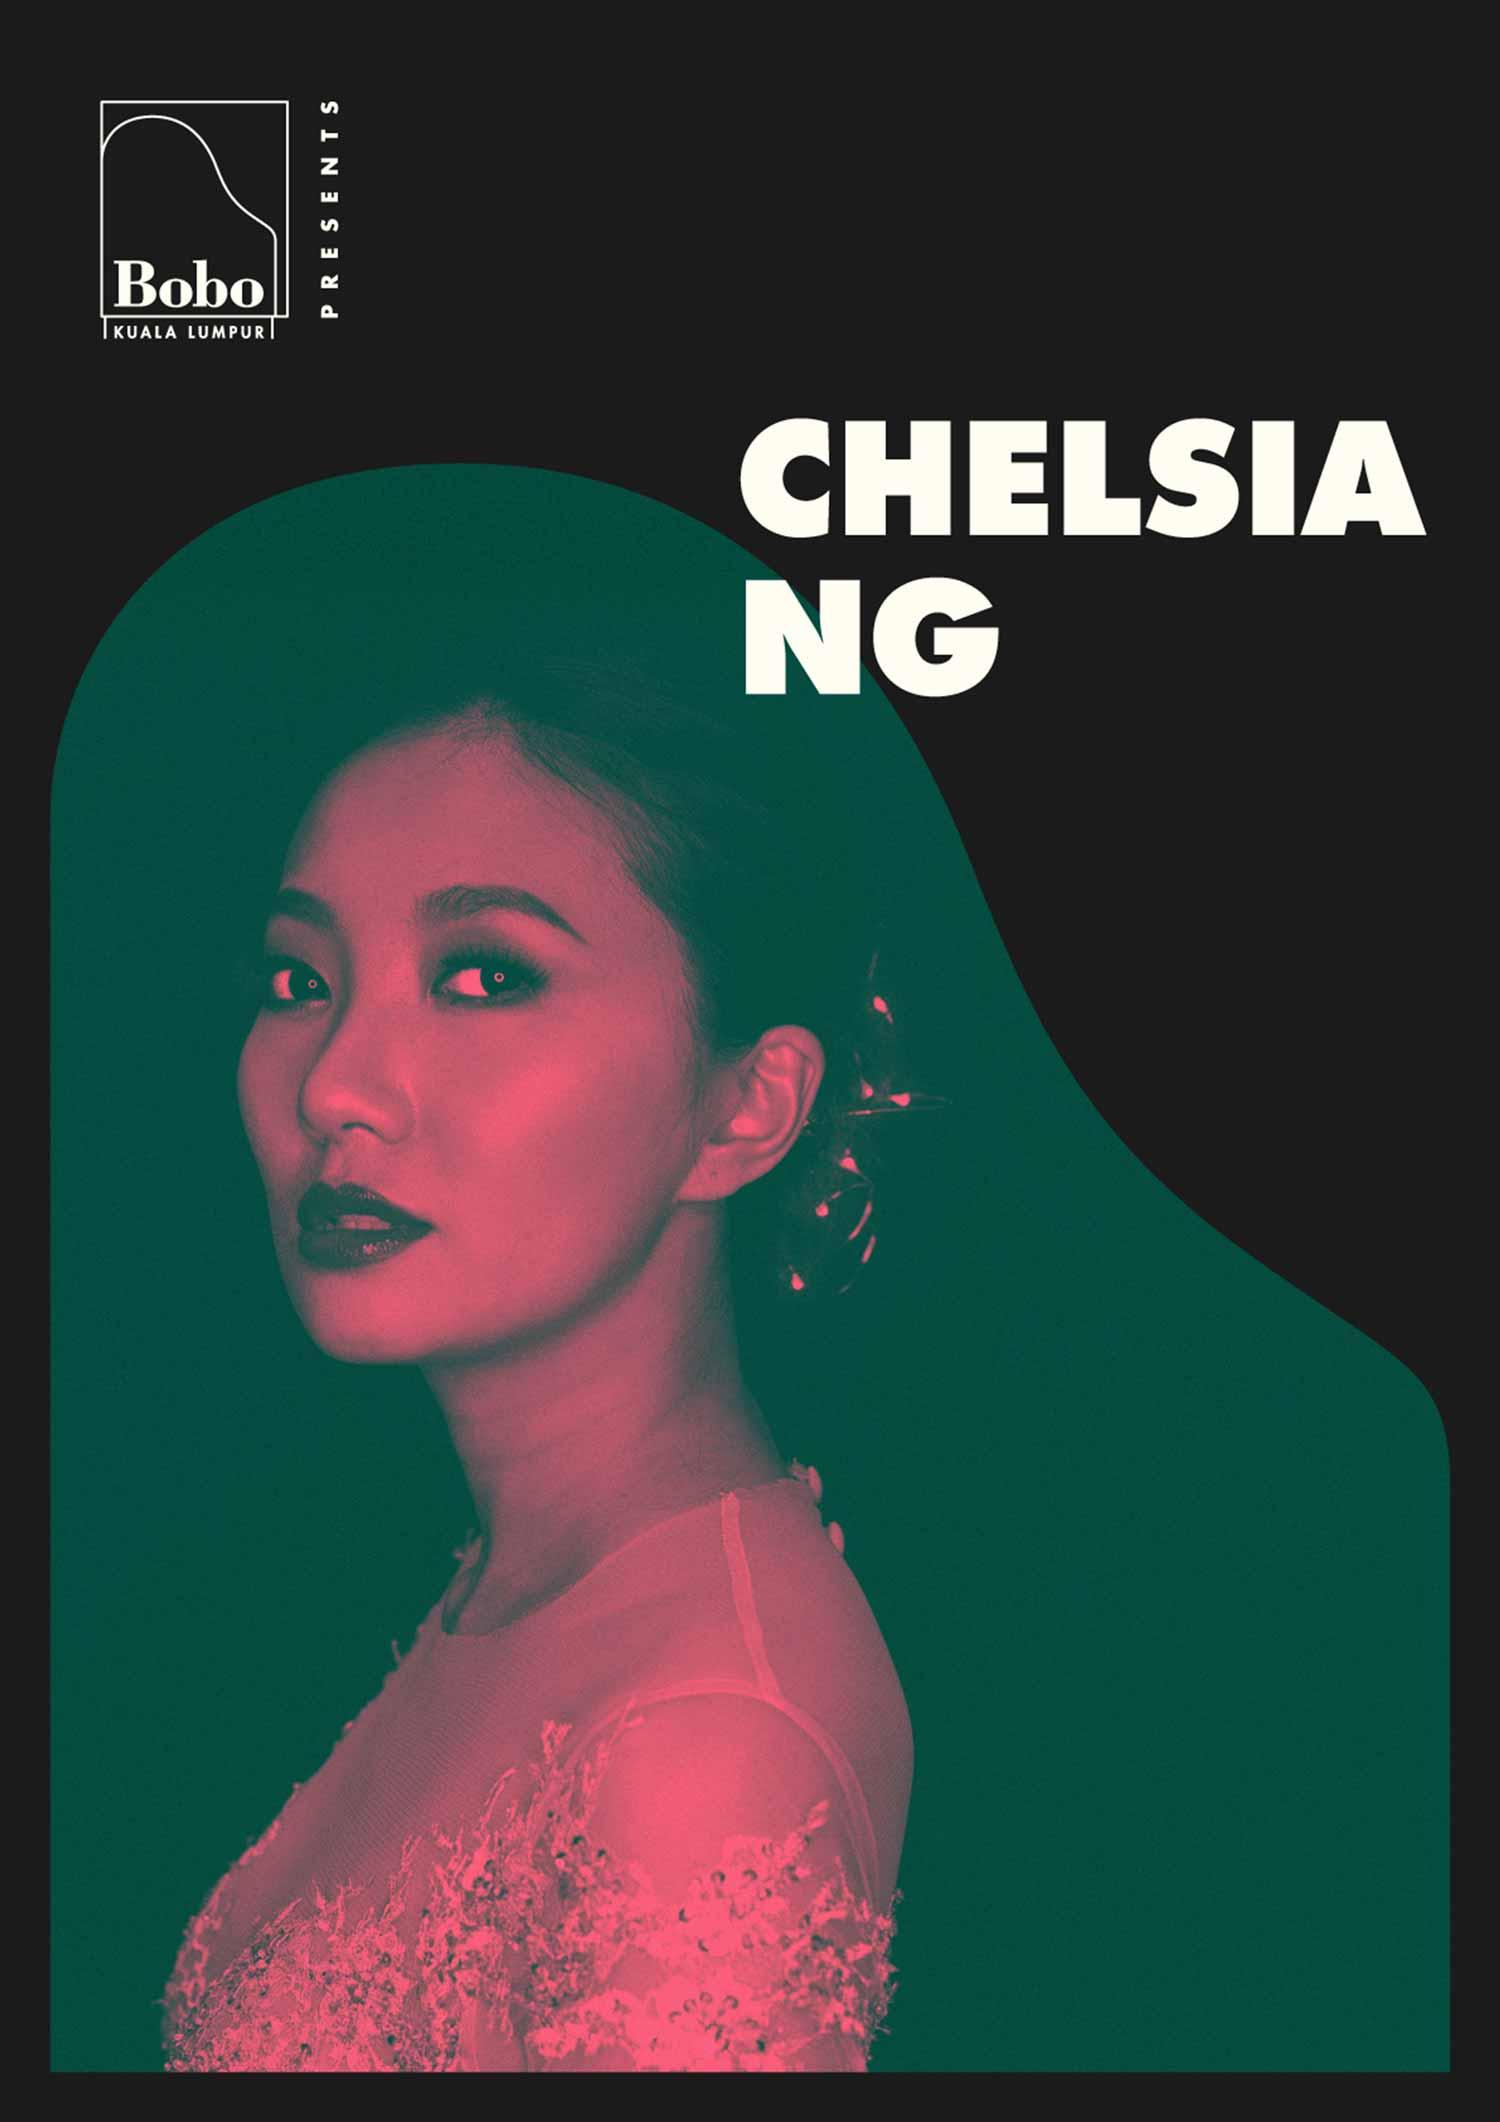 Chelsia Ng